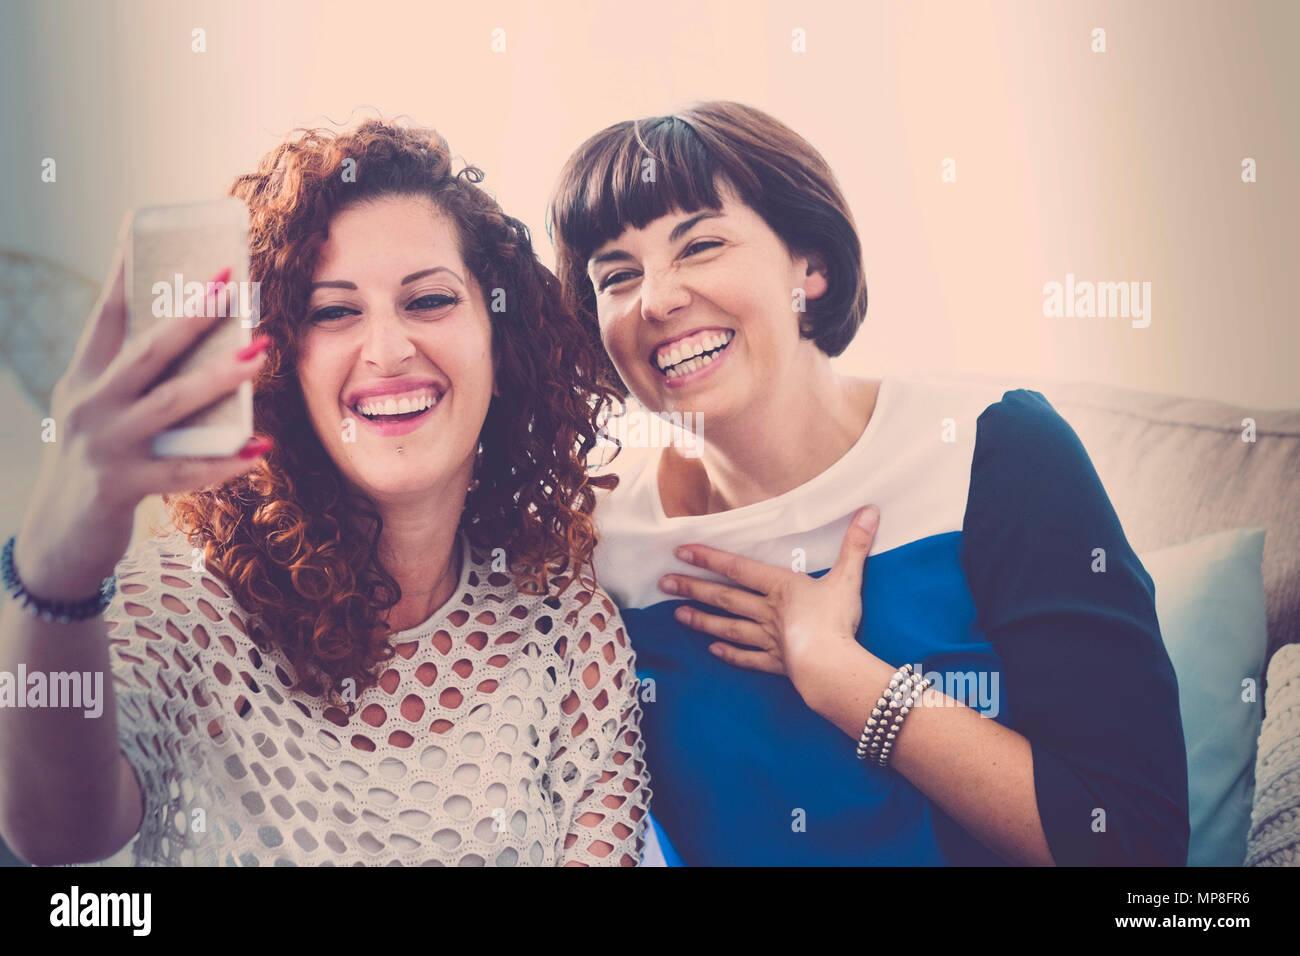 Llama a tus amigos con un teléfono móvil en el vídeo en directo de un par de hermosas mujeres en edad media en casa. comunicarse y moderno concepto de personas conectadas. Imagen De Stock